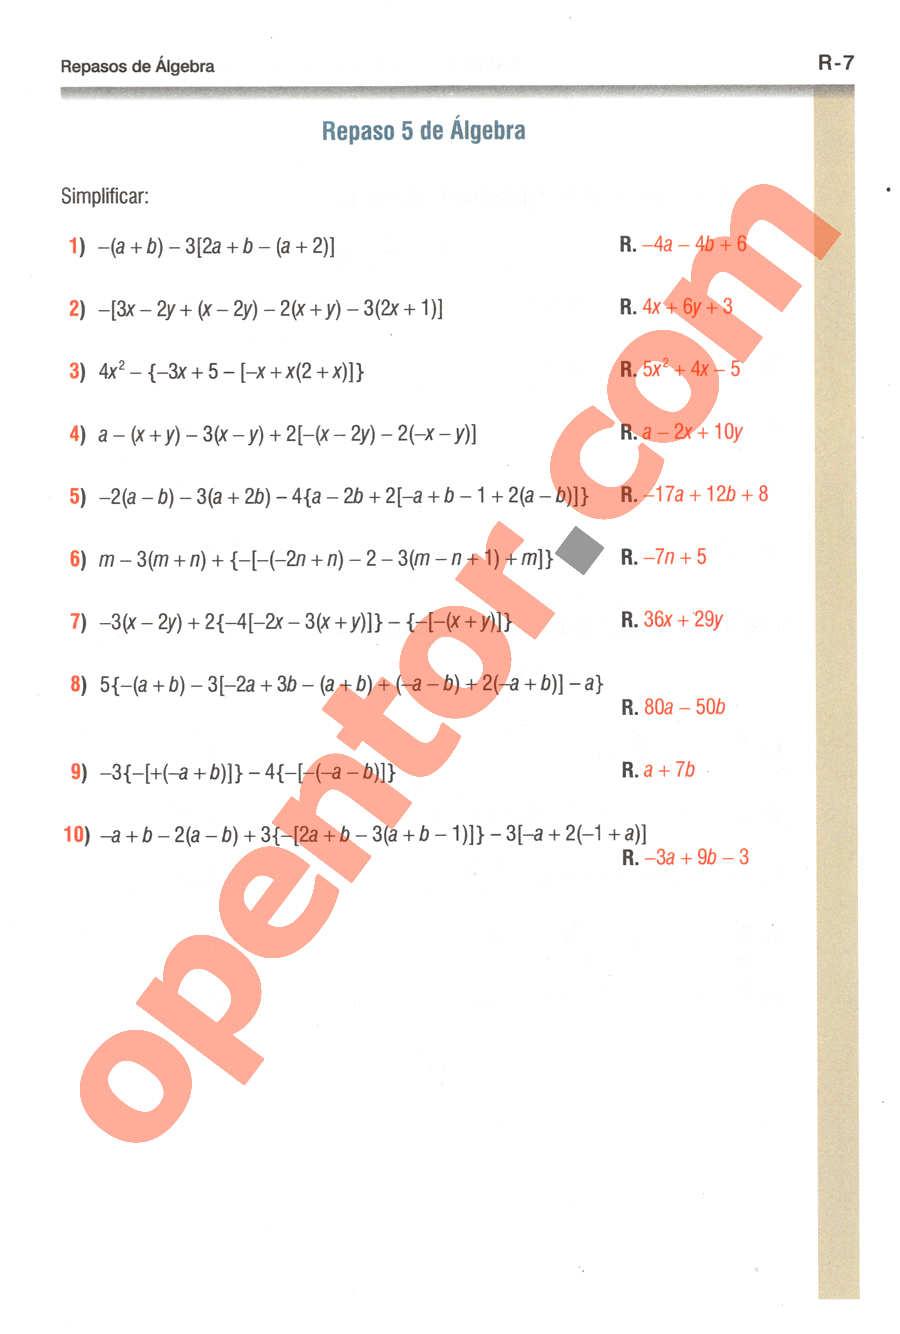 Geometría y Trigonometría de Baldor - Página R7